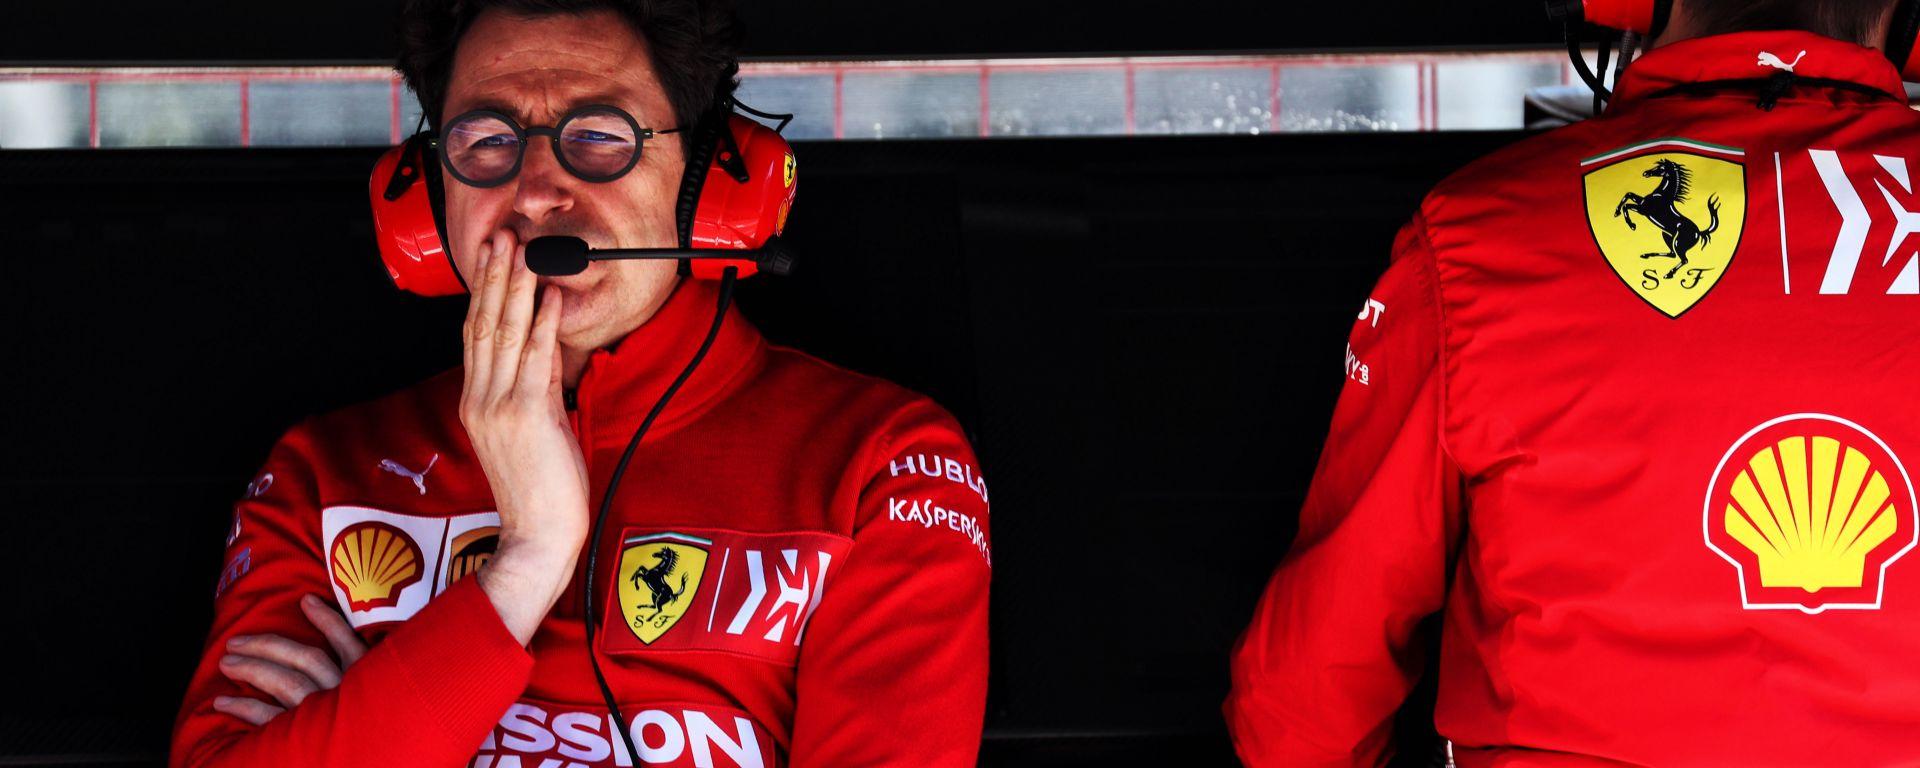 F1 GP Azerbaijan 2019, Baku: Mattia Binotto al muretto della Ferrari